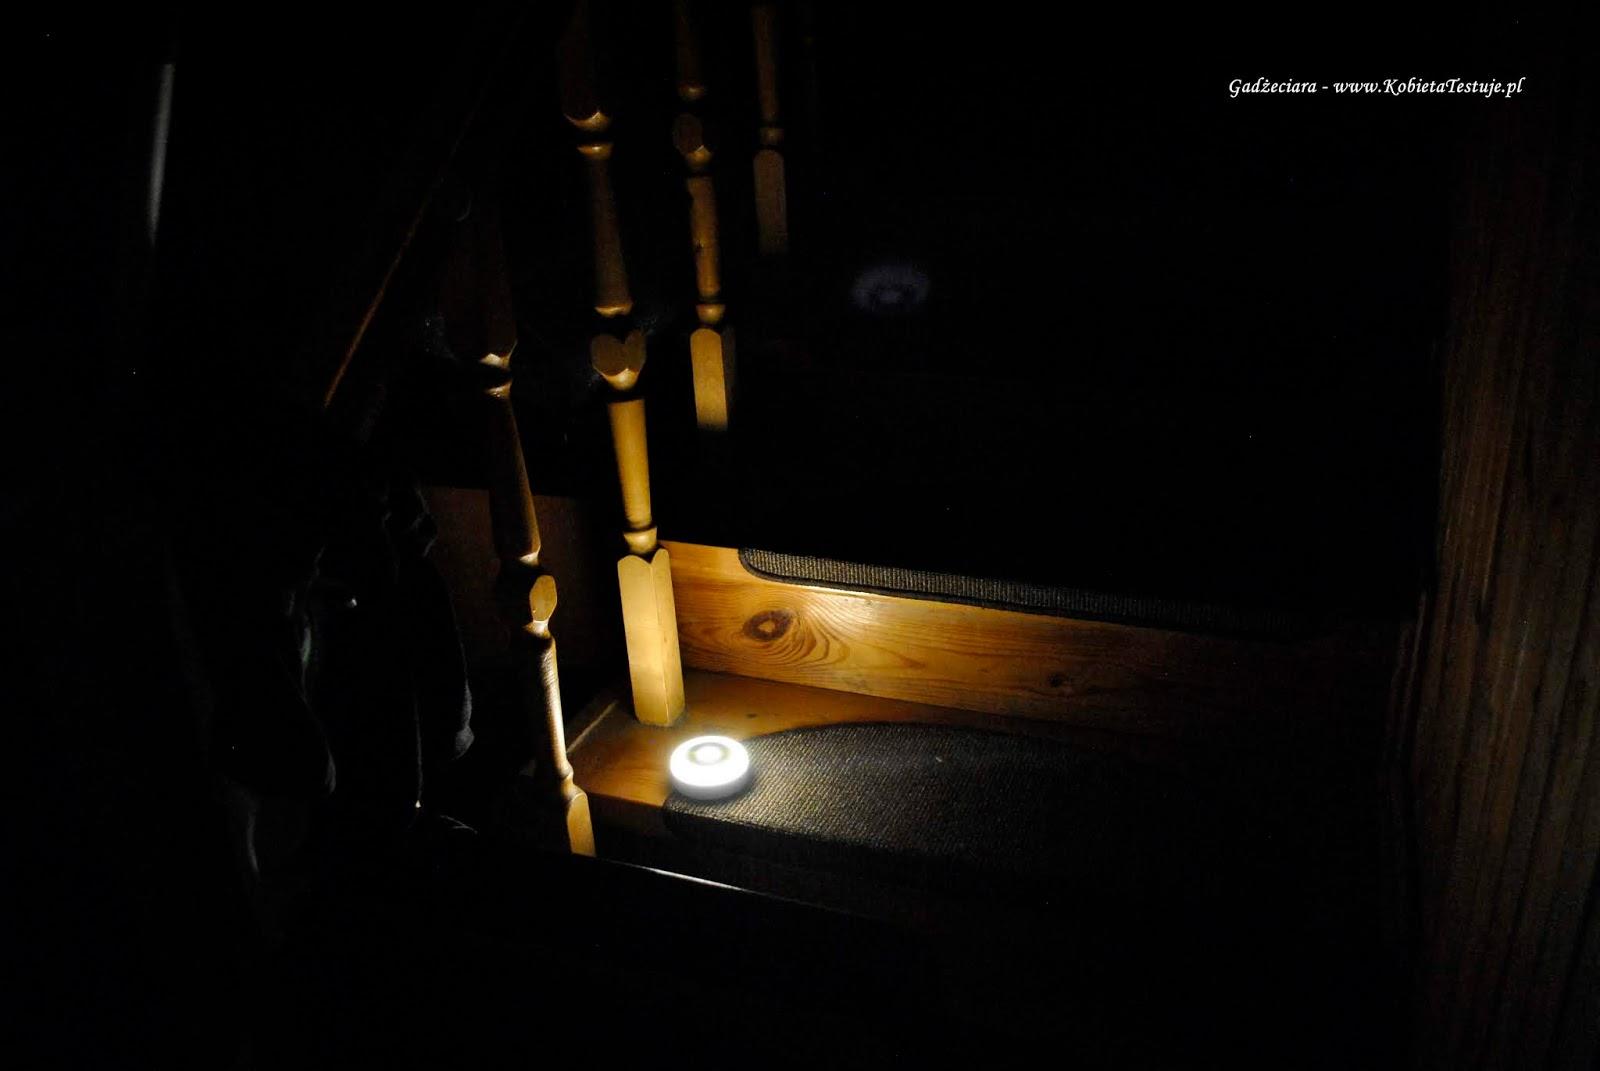 Inteligentny Dom Zrób To Sam Cz1 Oświetlenie Gadżeciara